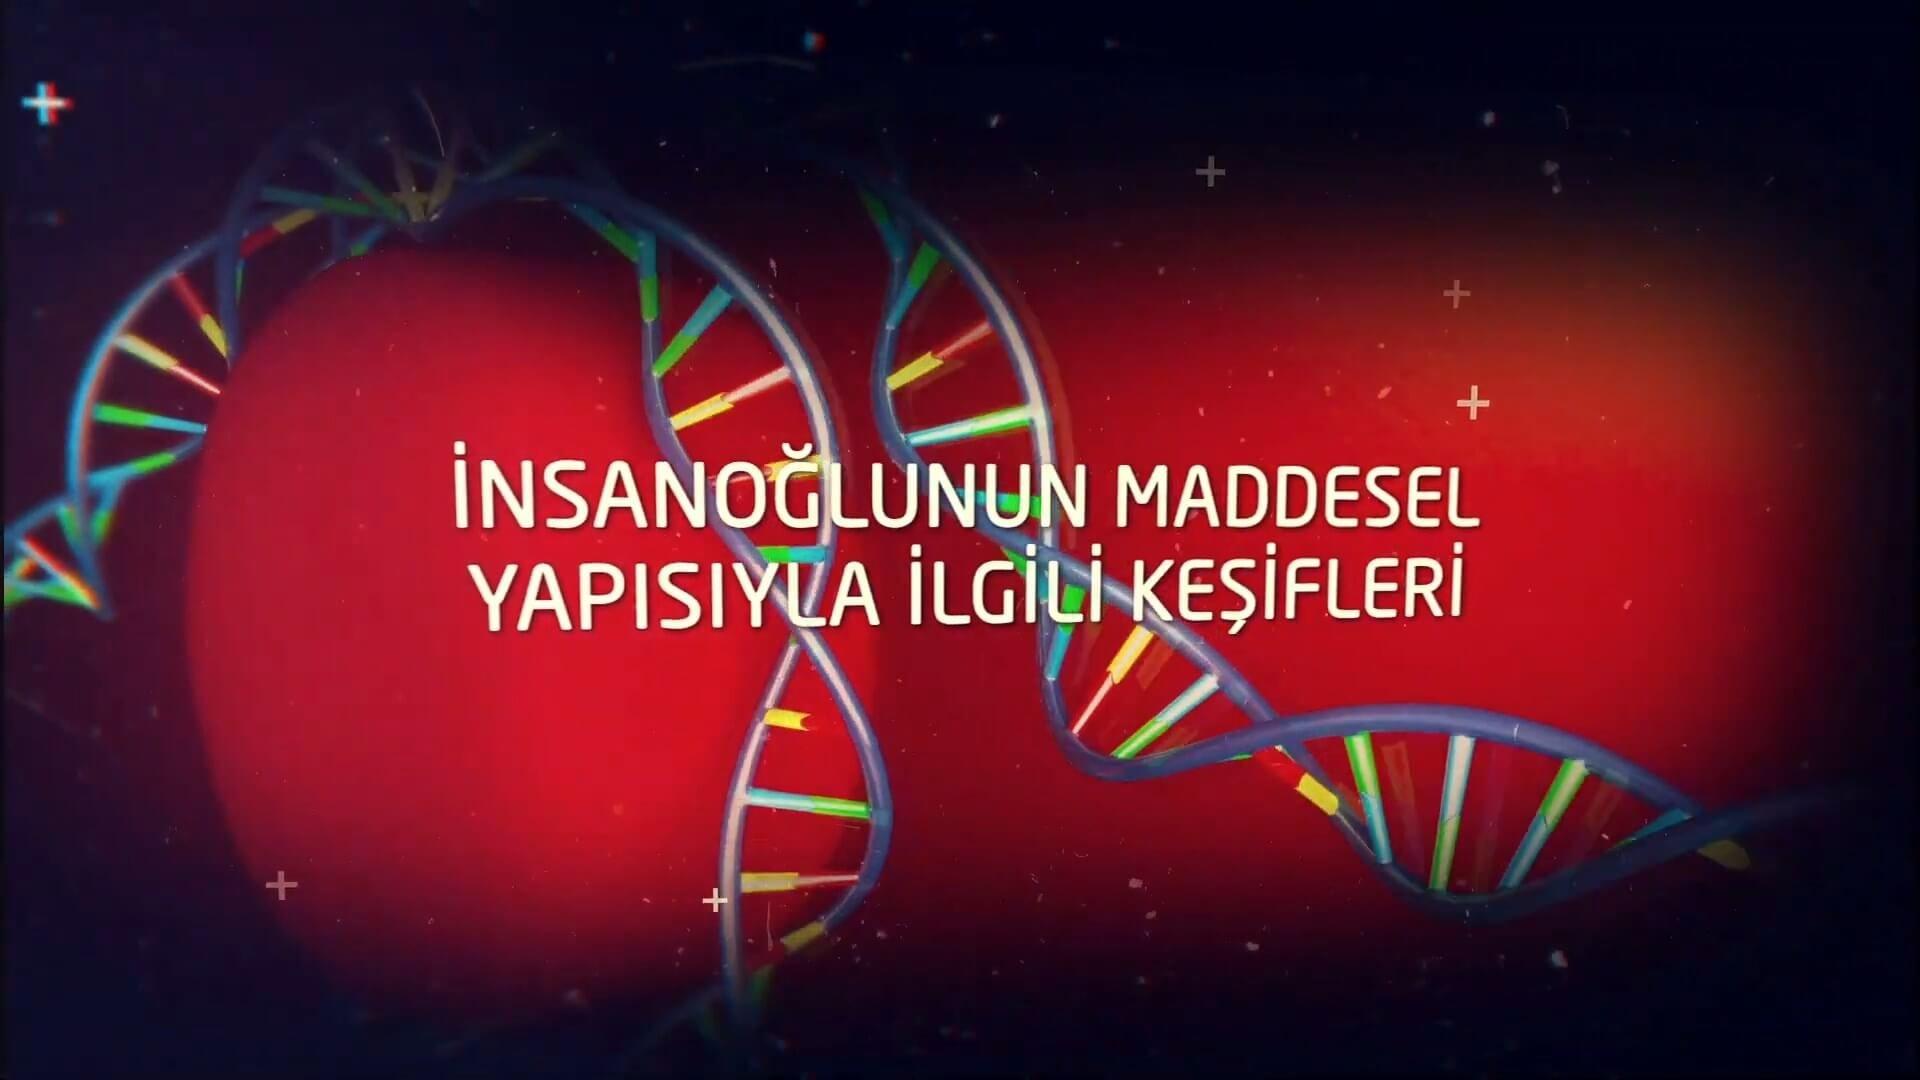 Proteindeki Yazılım İnsanoğlunun Maddesel Yapısı Belgesel Animasyon Film 2 1920x1080 - Proteindeki Yazılım, İnsanoğlunun Maddesel Yapısıyla İlgili Keşifleri